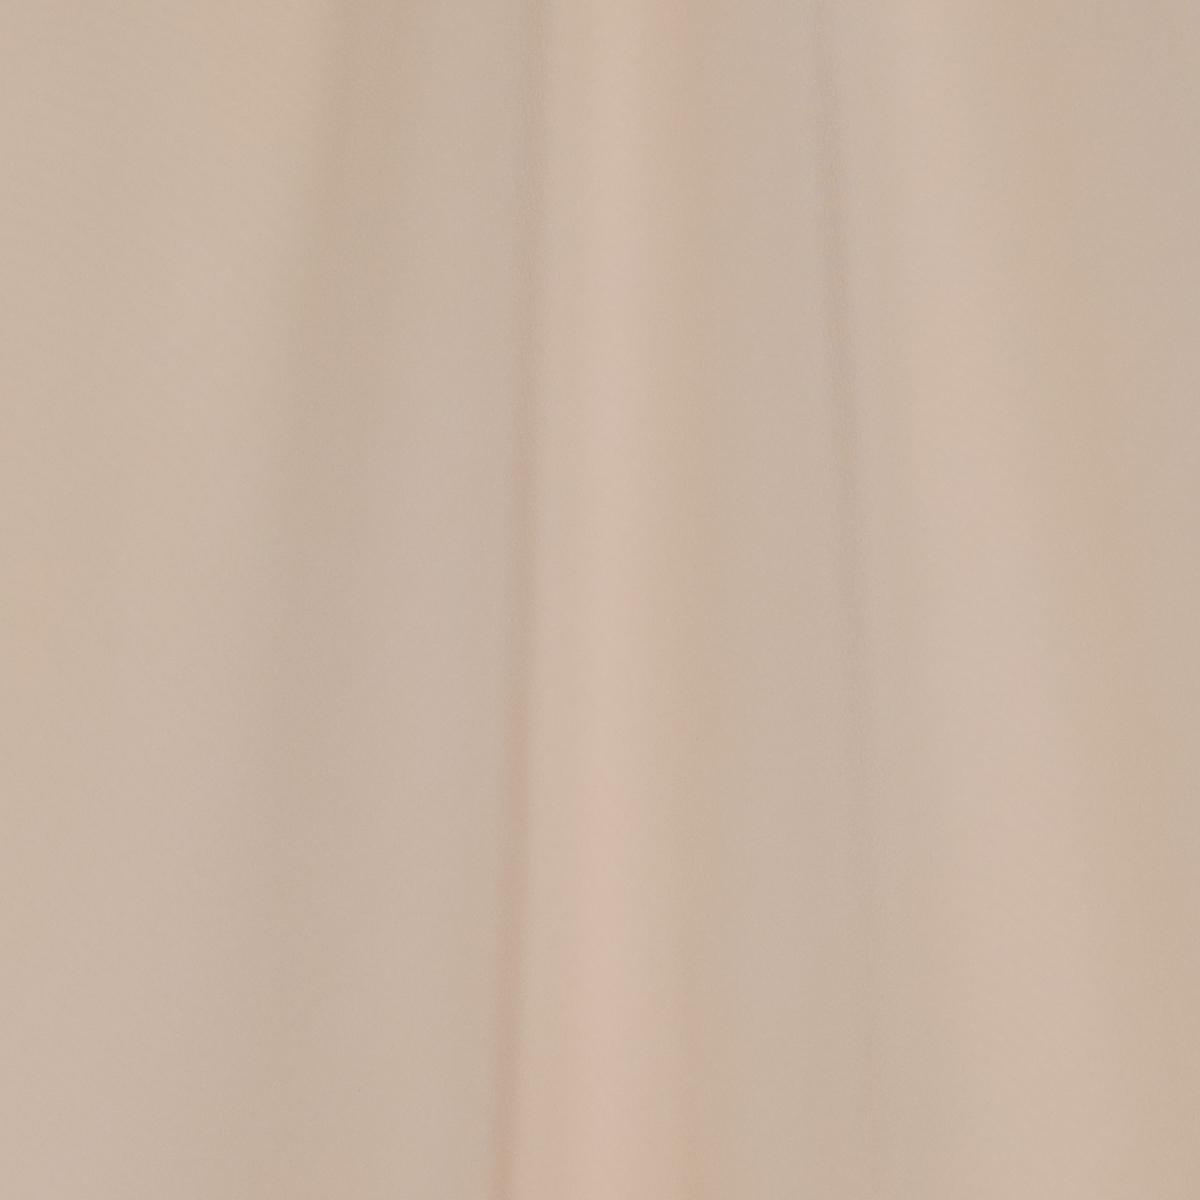 Шёлковый крепдешин персикового цвета